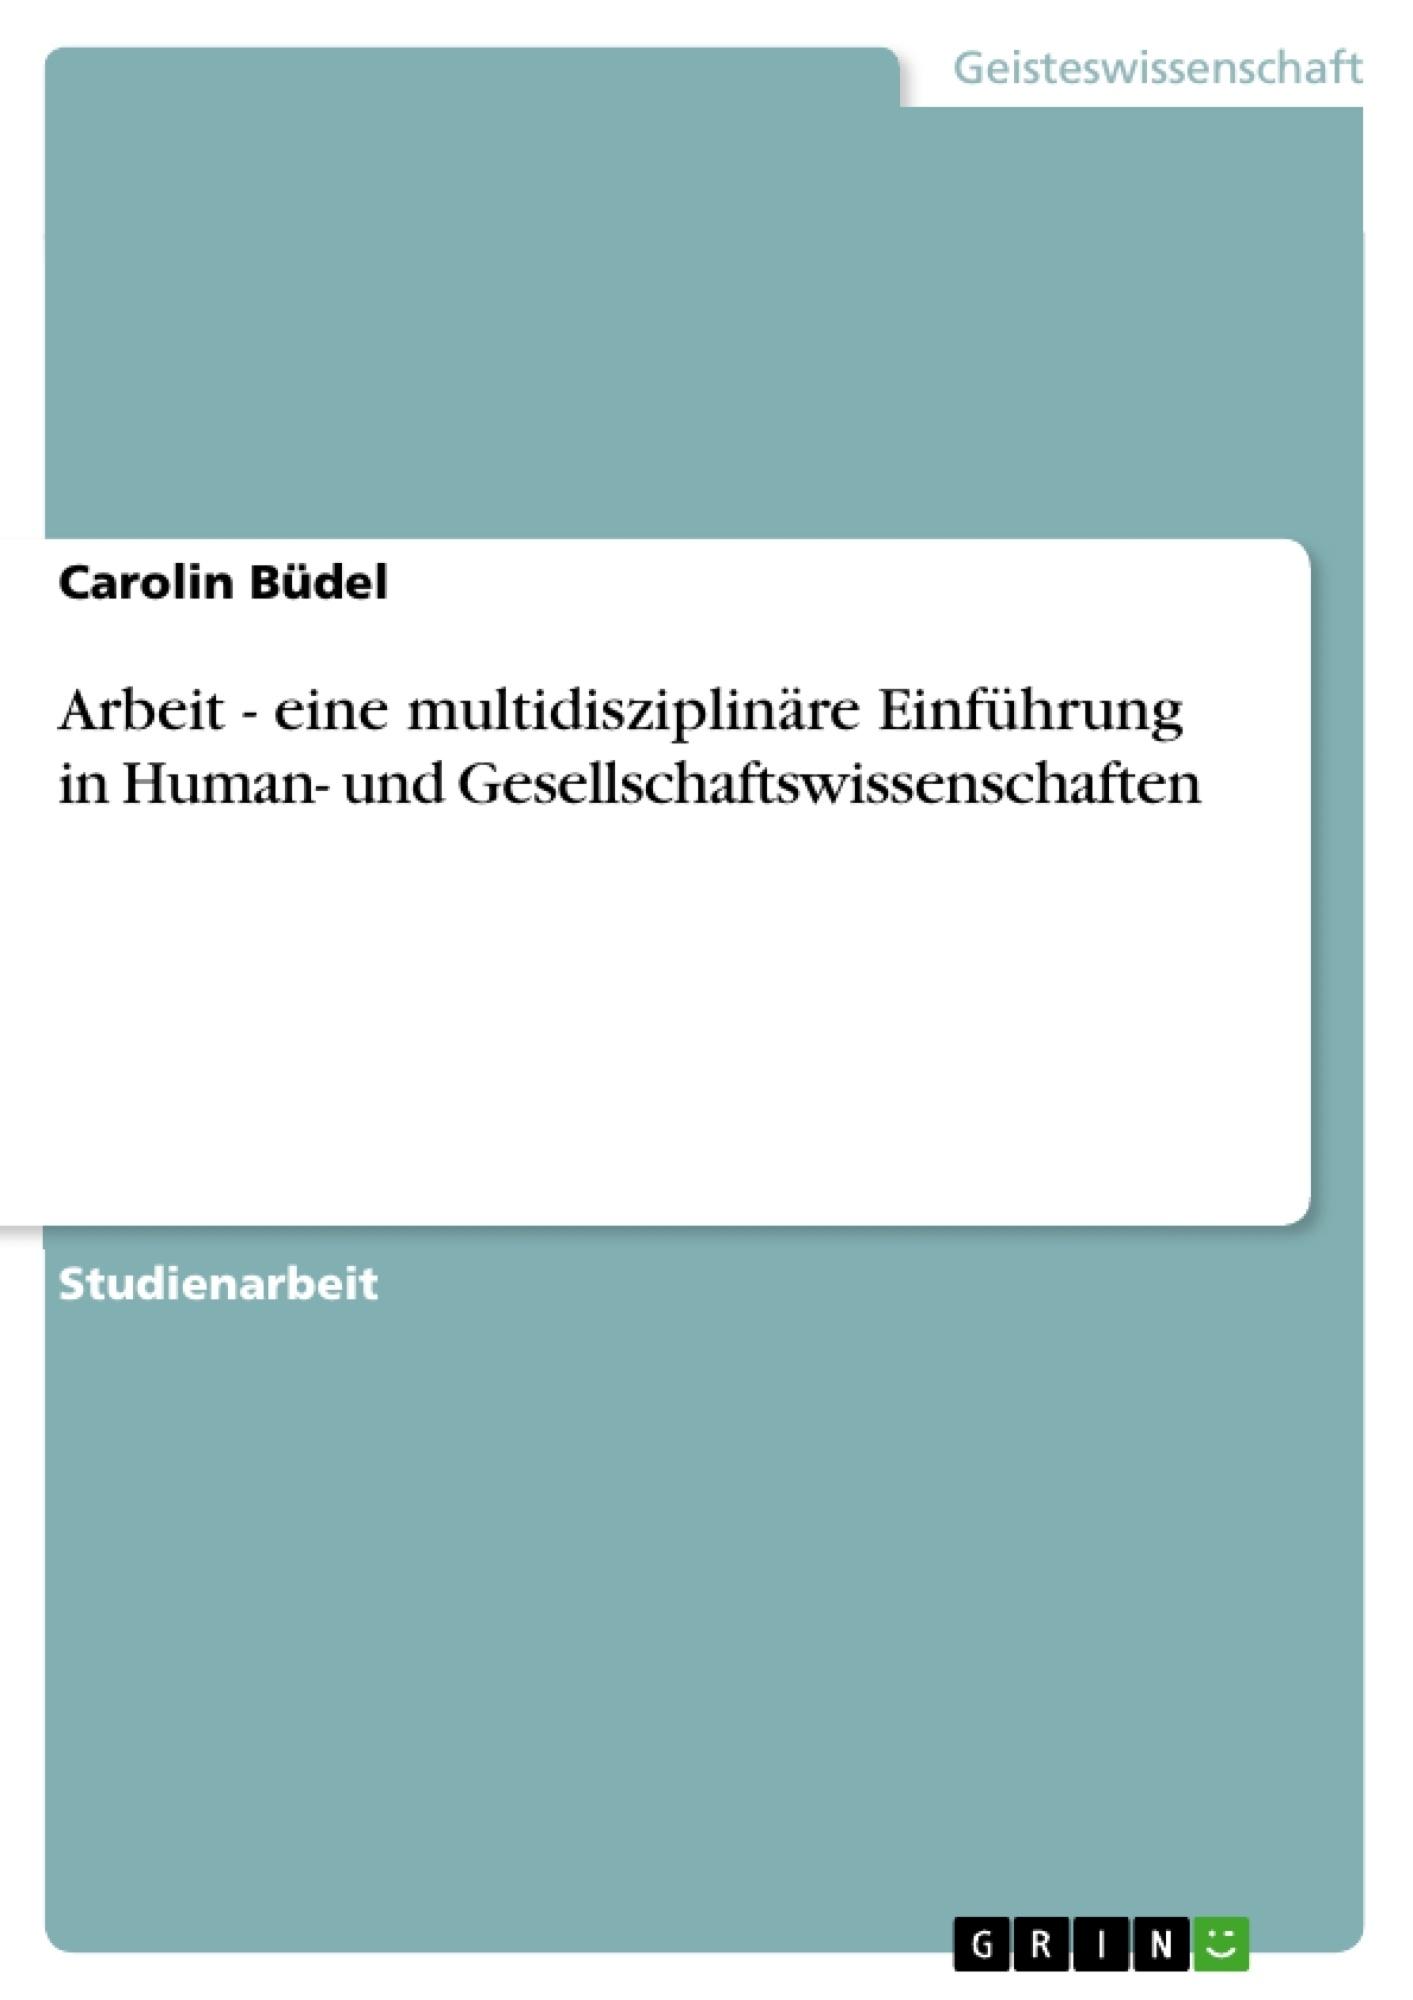 Titel: Arbeit - eine multidisziplinäre Einführung in Human- und Gesellschaftswissenschaften